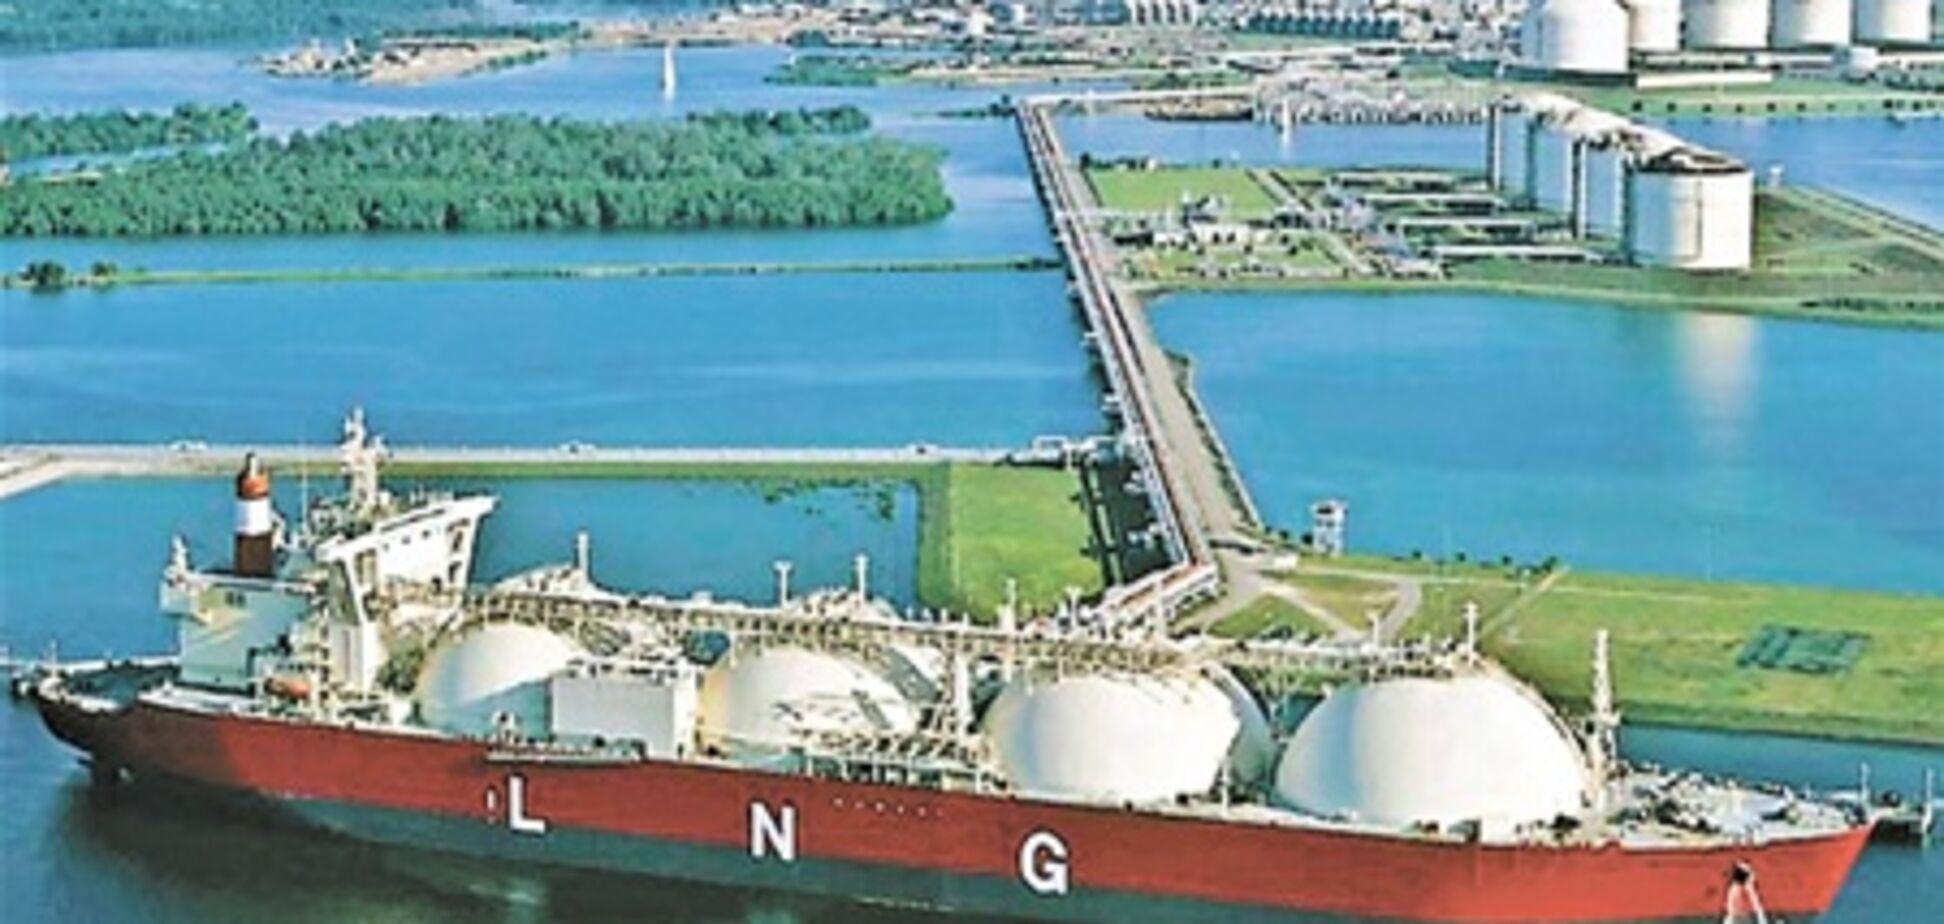 Ставицкий обещает решить вопрос LNG-терминала до марта